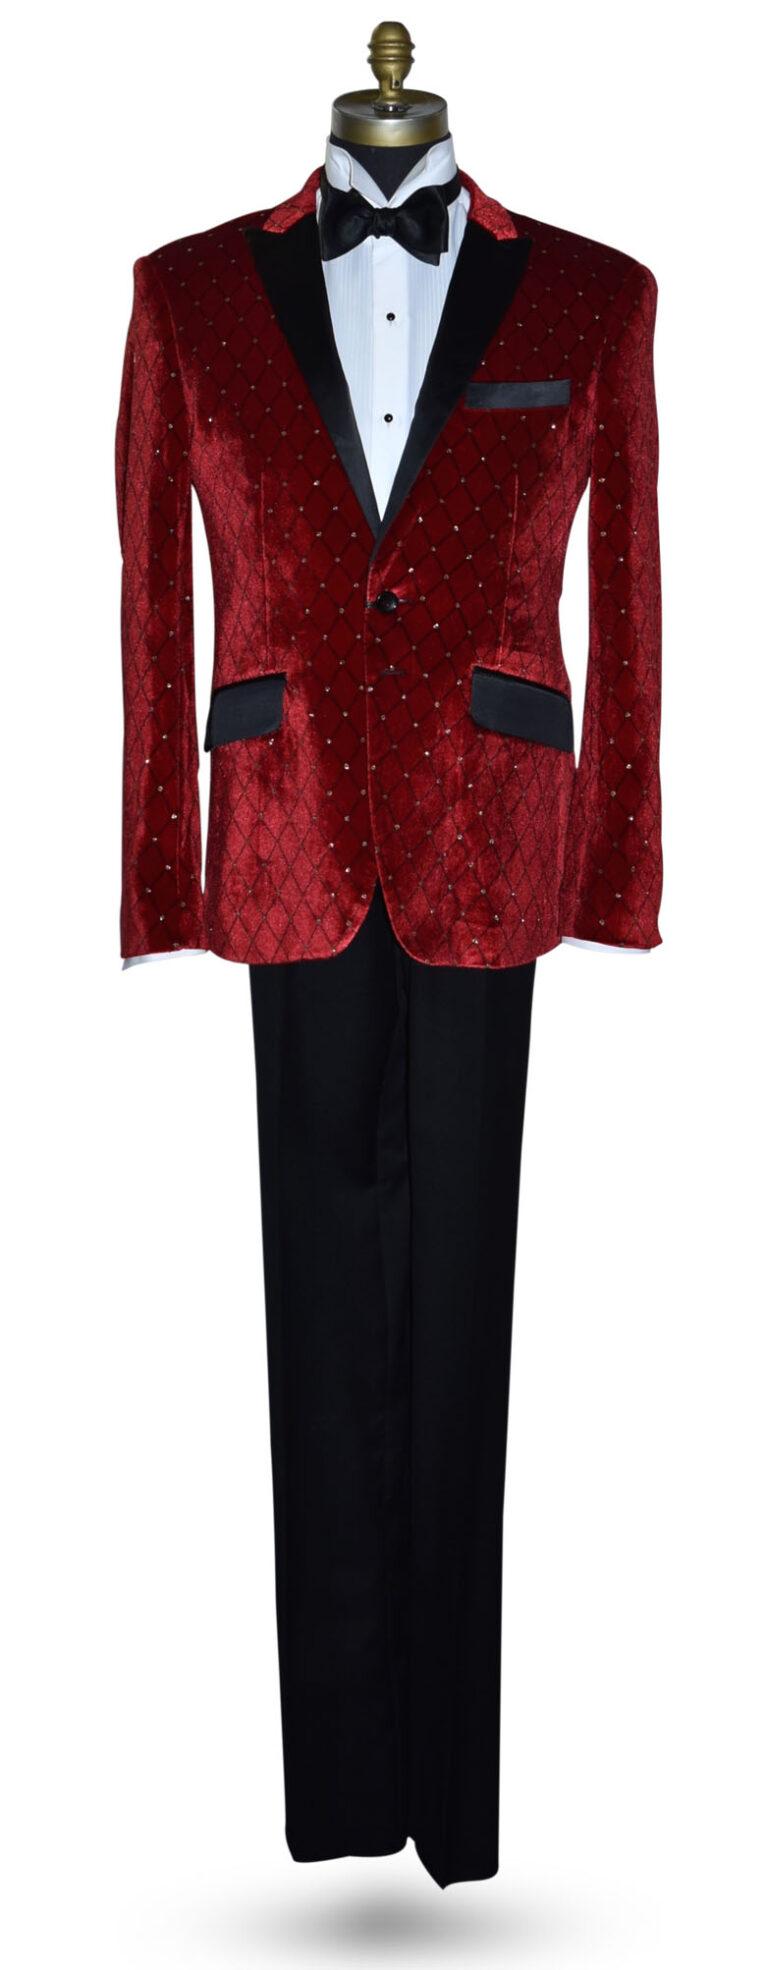 Red Velvet Tuxedo Jacket with Black Diamond Print